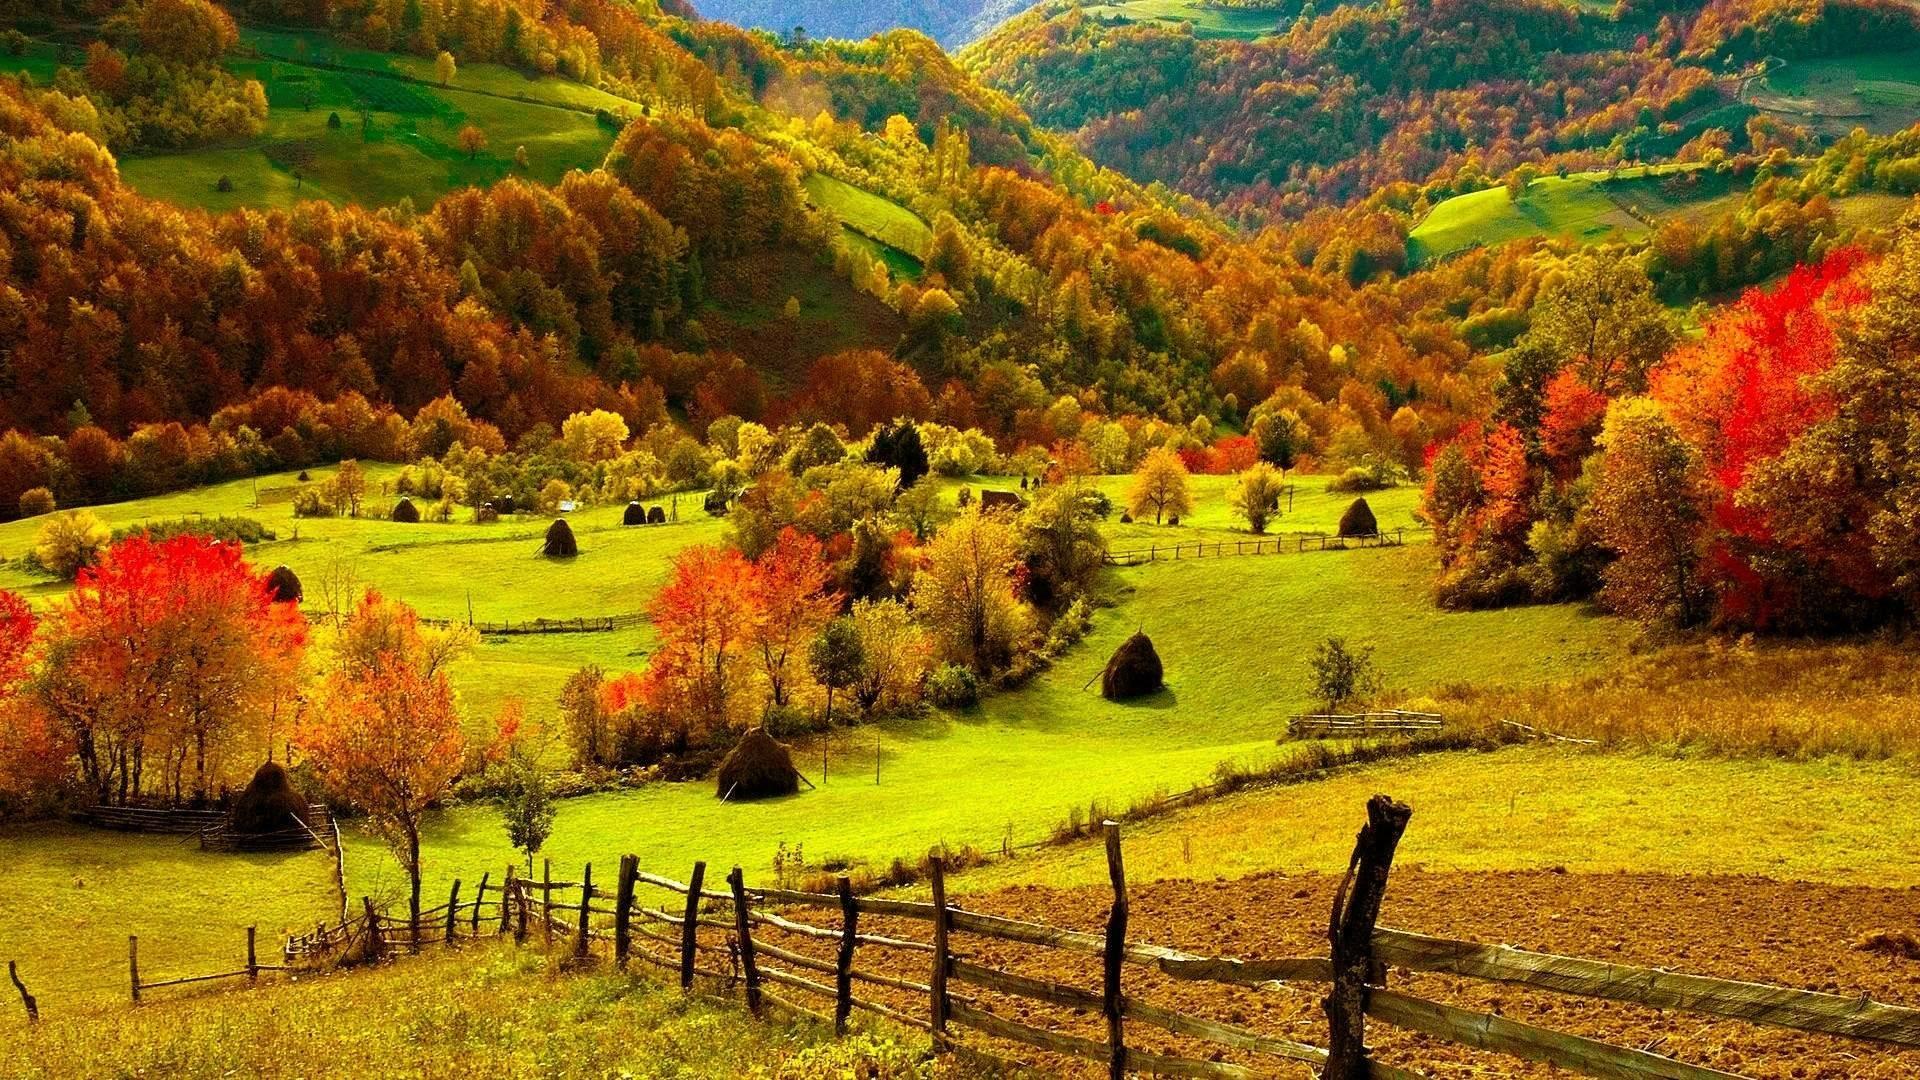 Desktop Wallpaper Fall Scenes, Best Fall Scenes Wallpapers, Wide